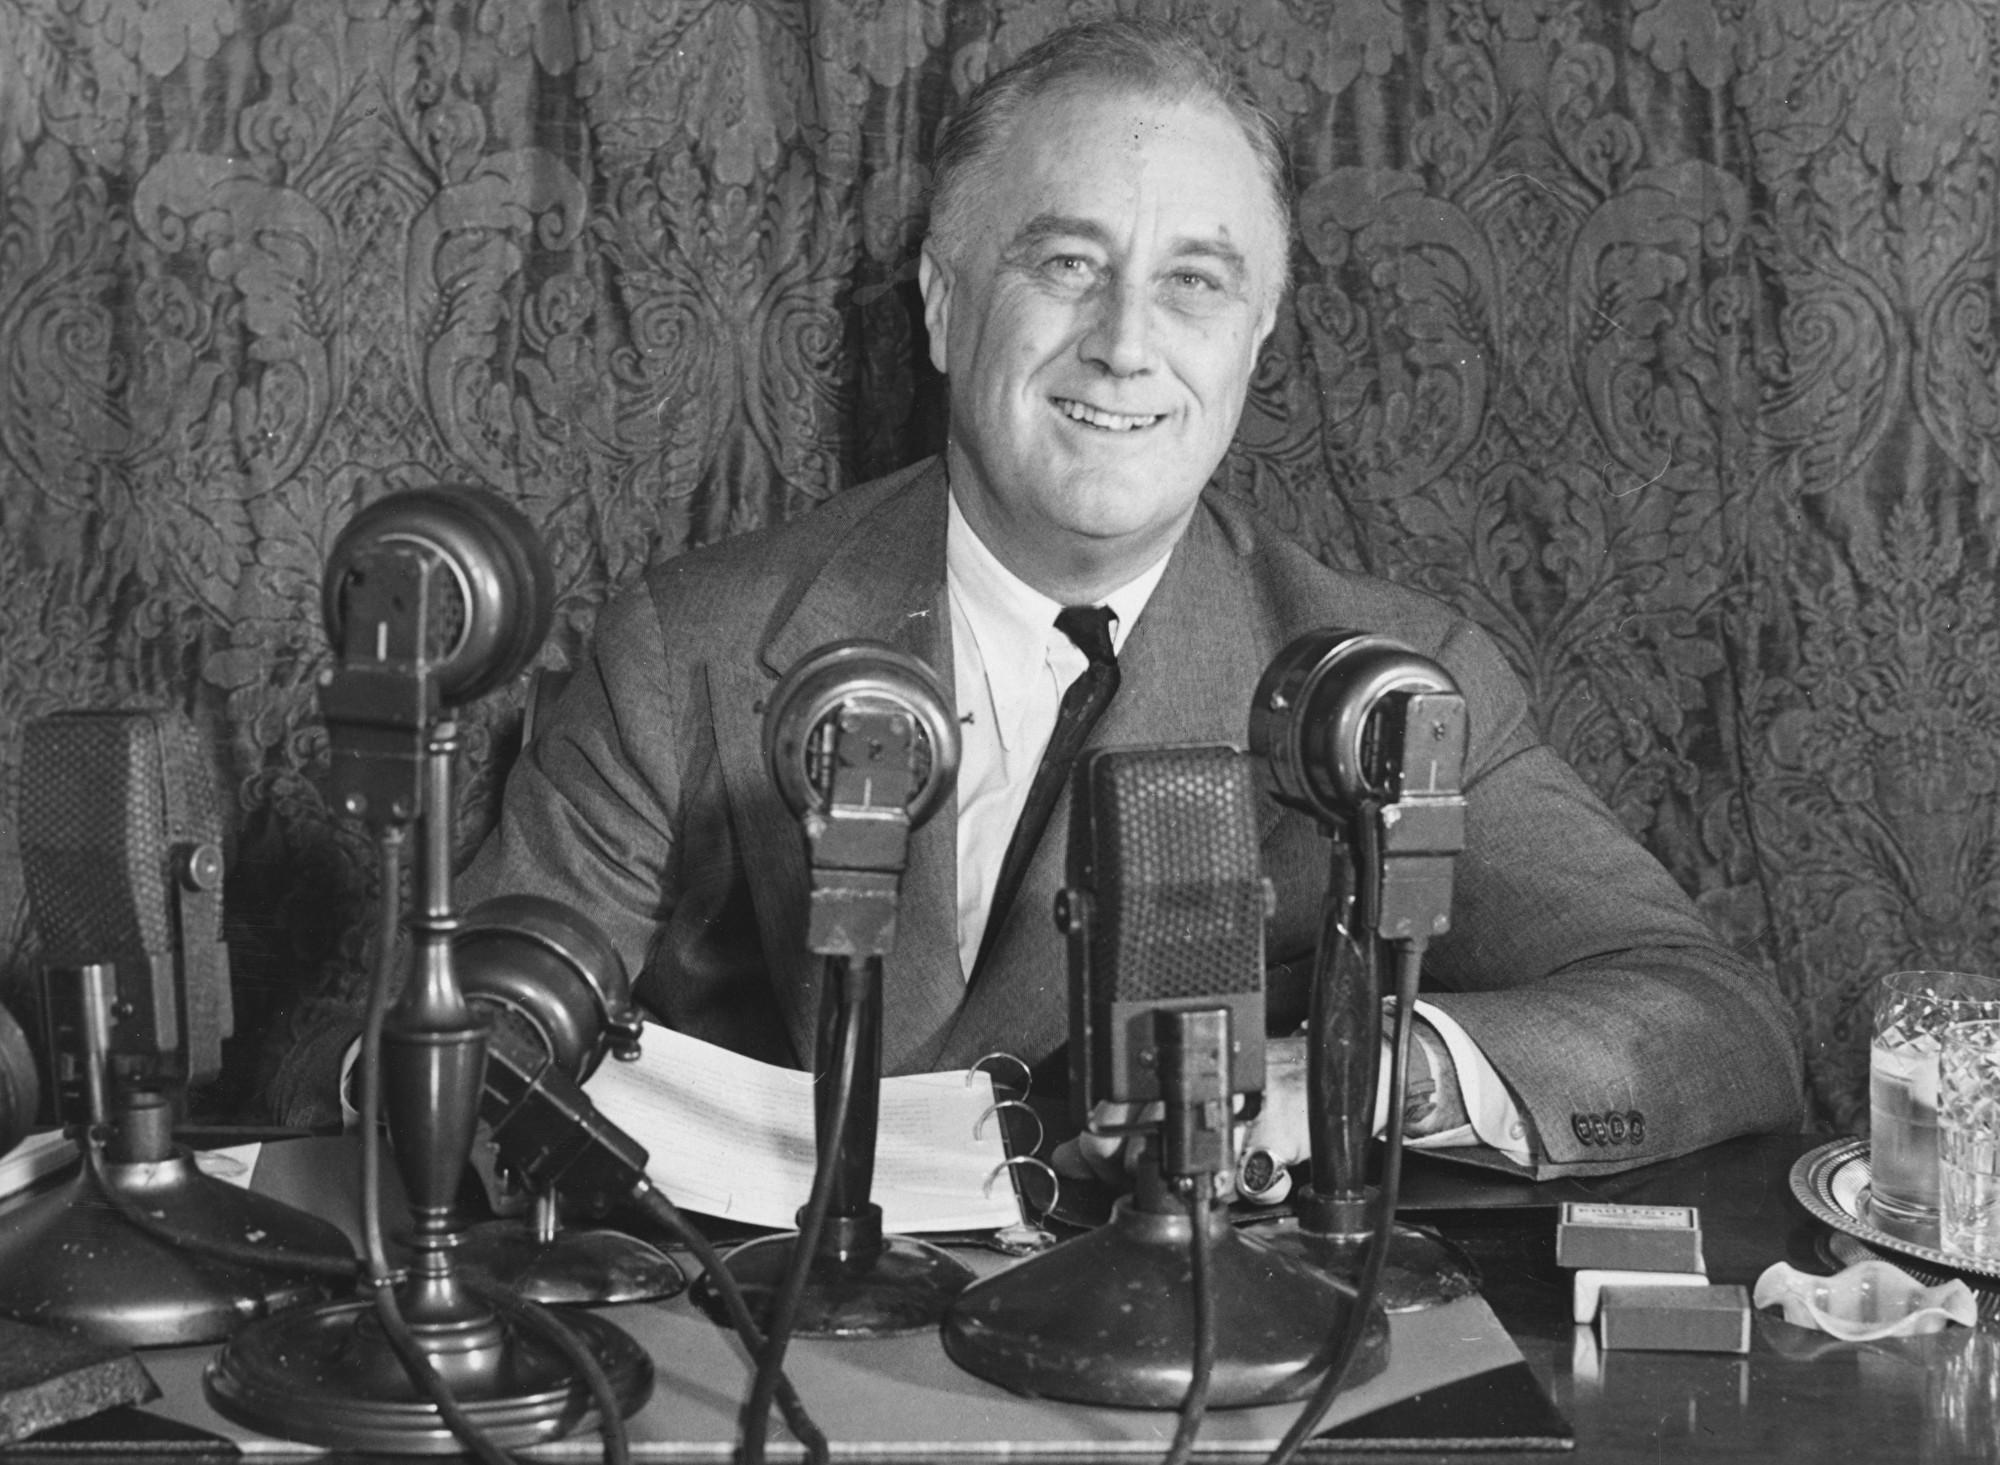 美國前總統羅斯福攝於1938年。(Central Press/Getty Images)